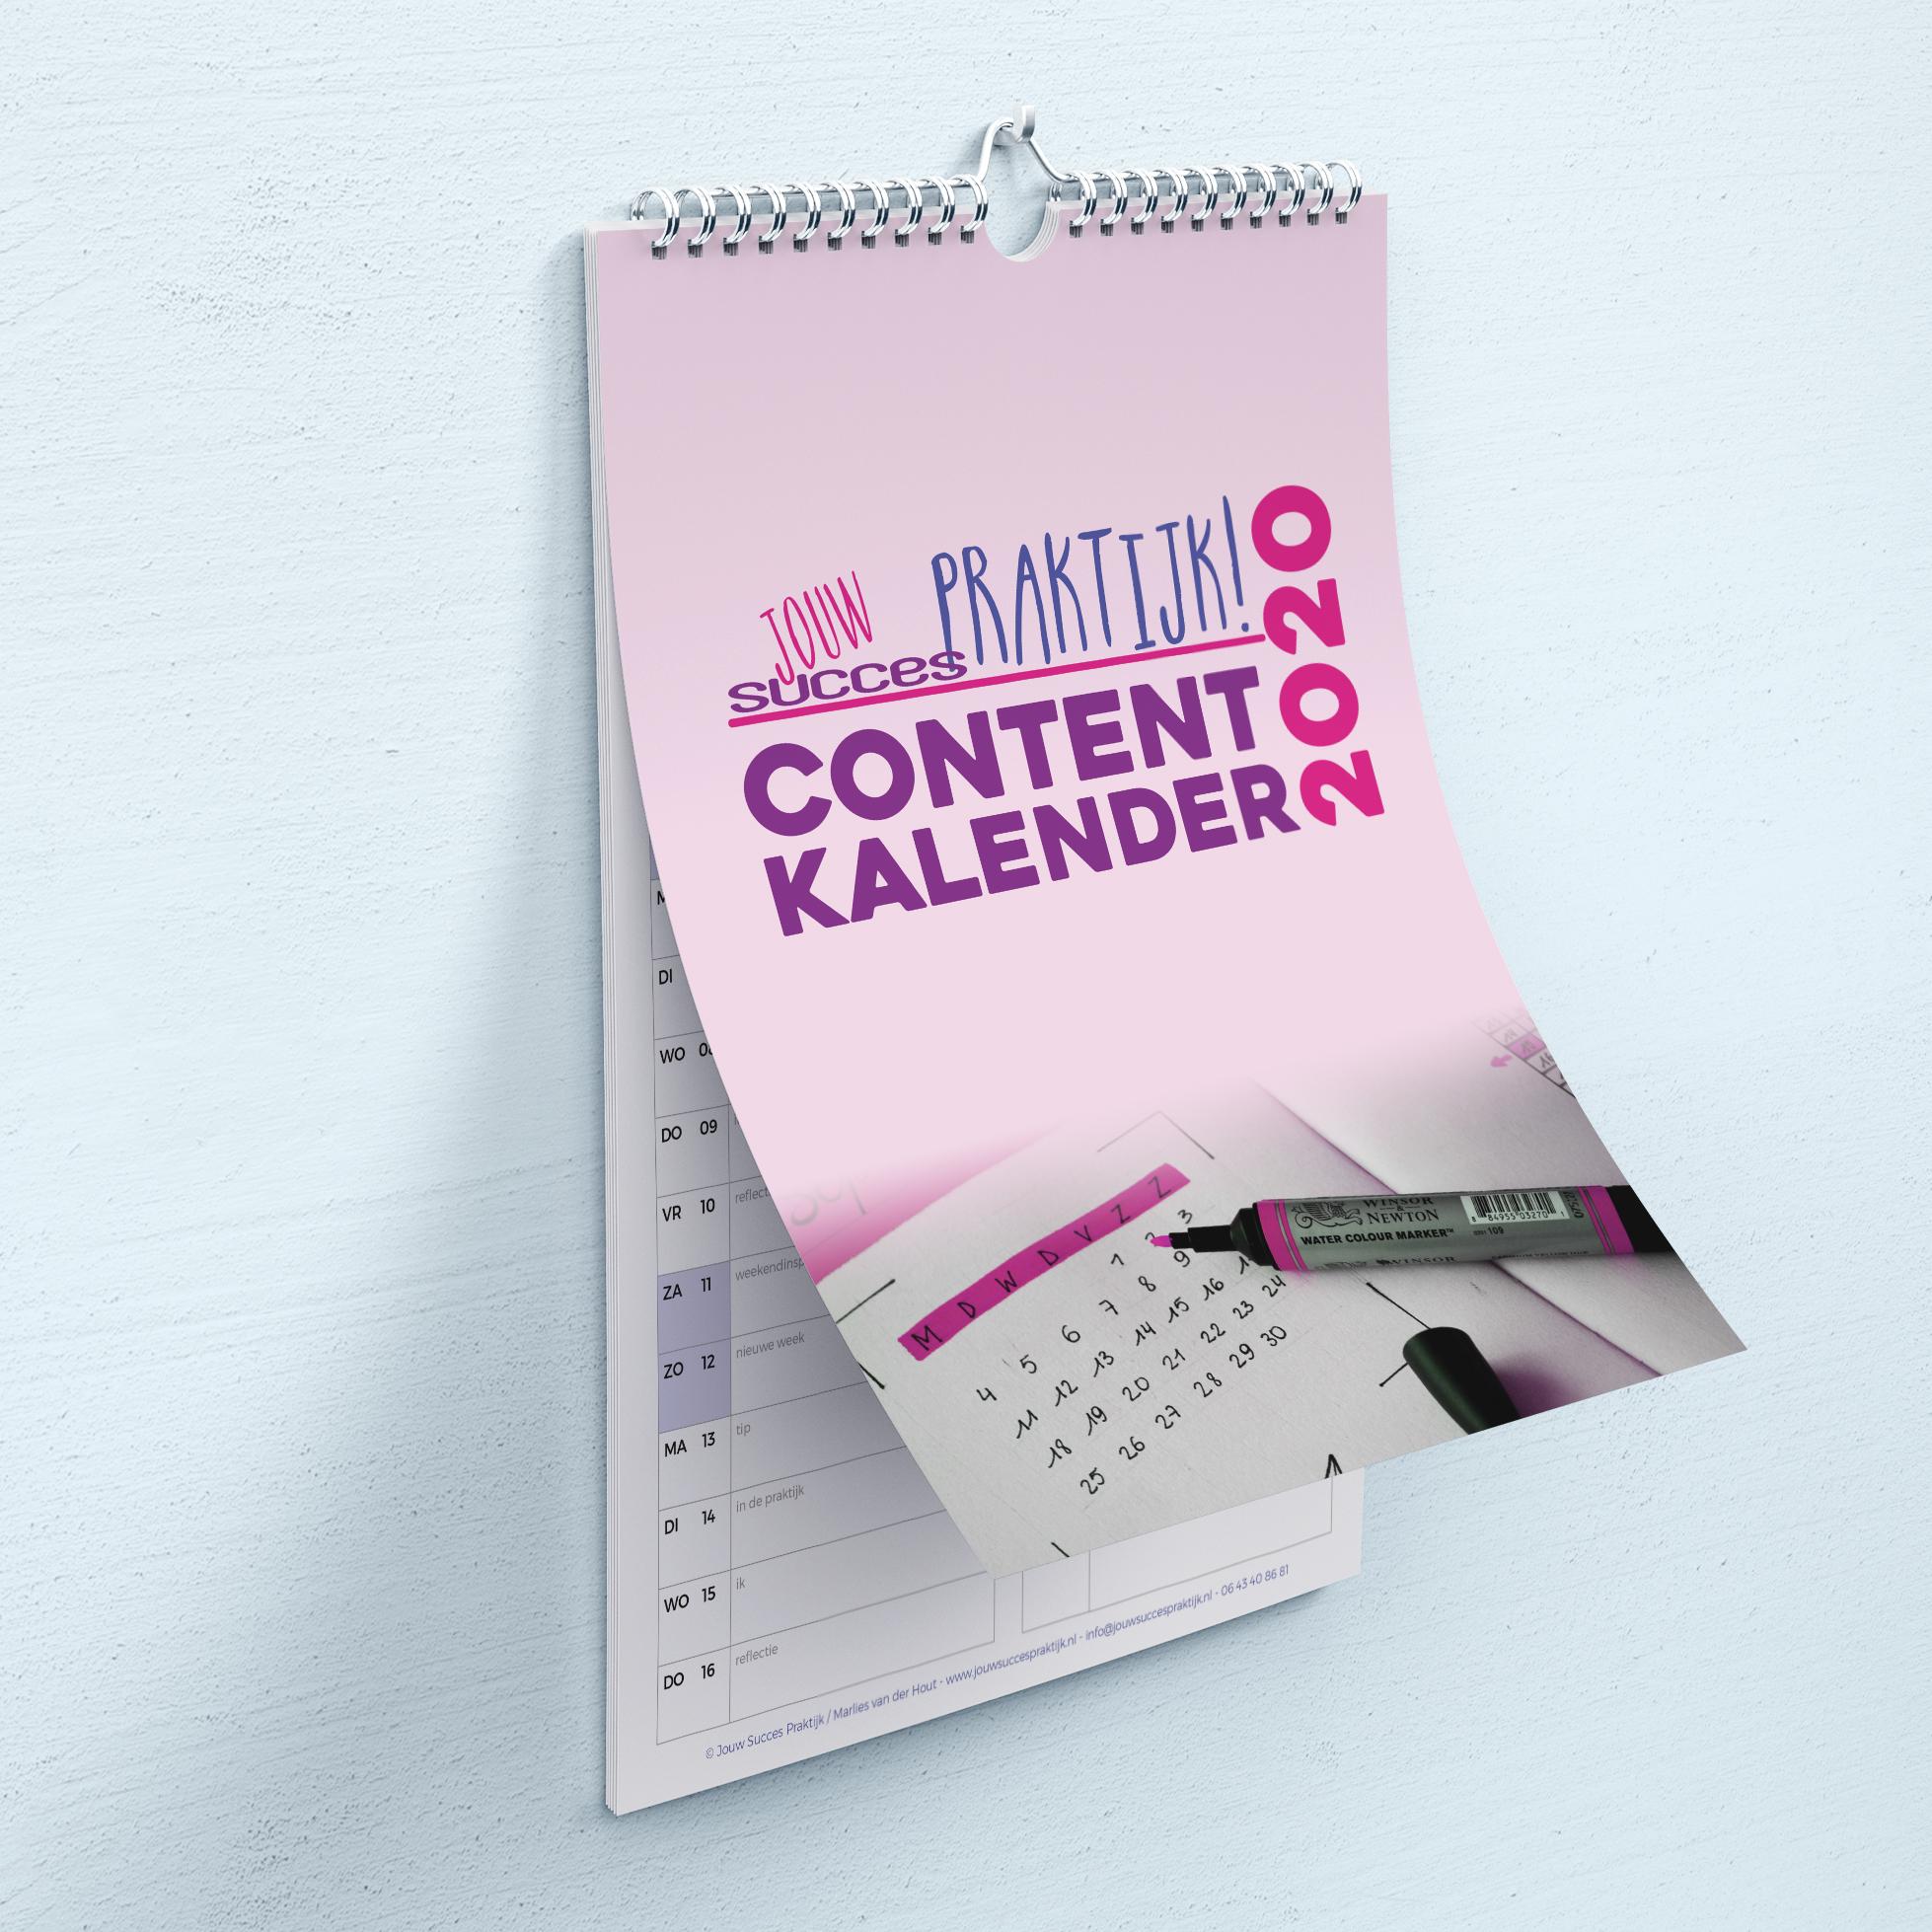 Contentkalender Jouw Succes Praktijk